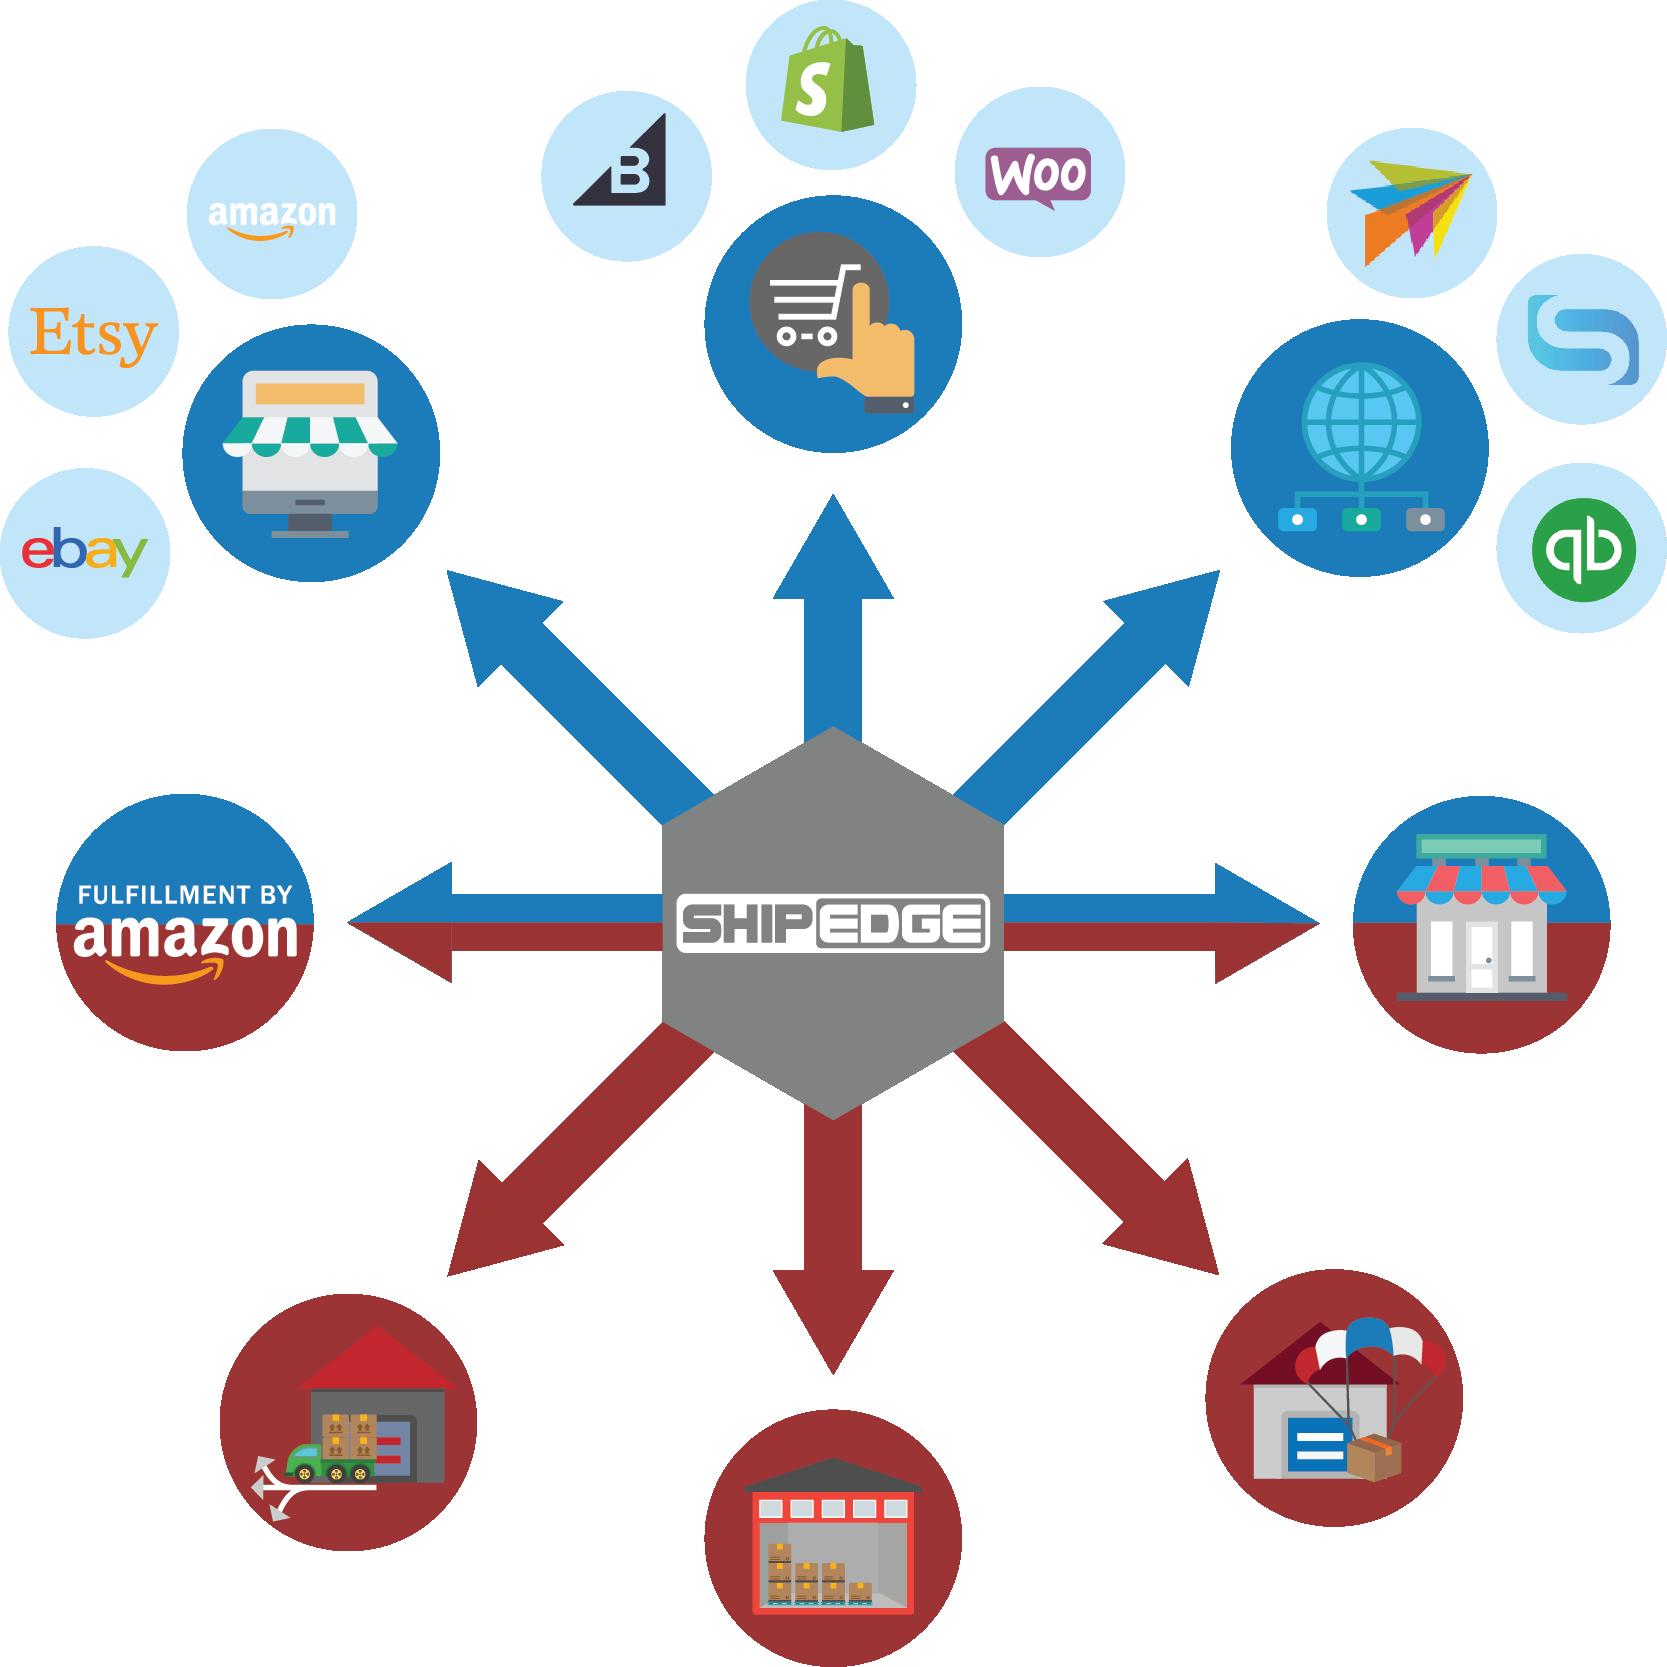 Shipedge Order Management System